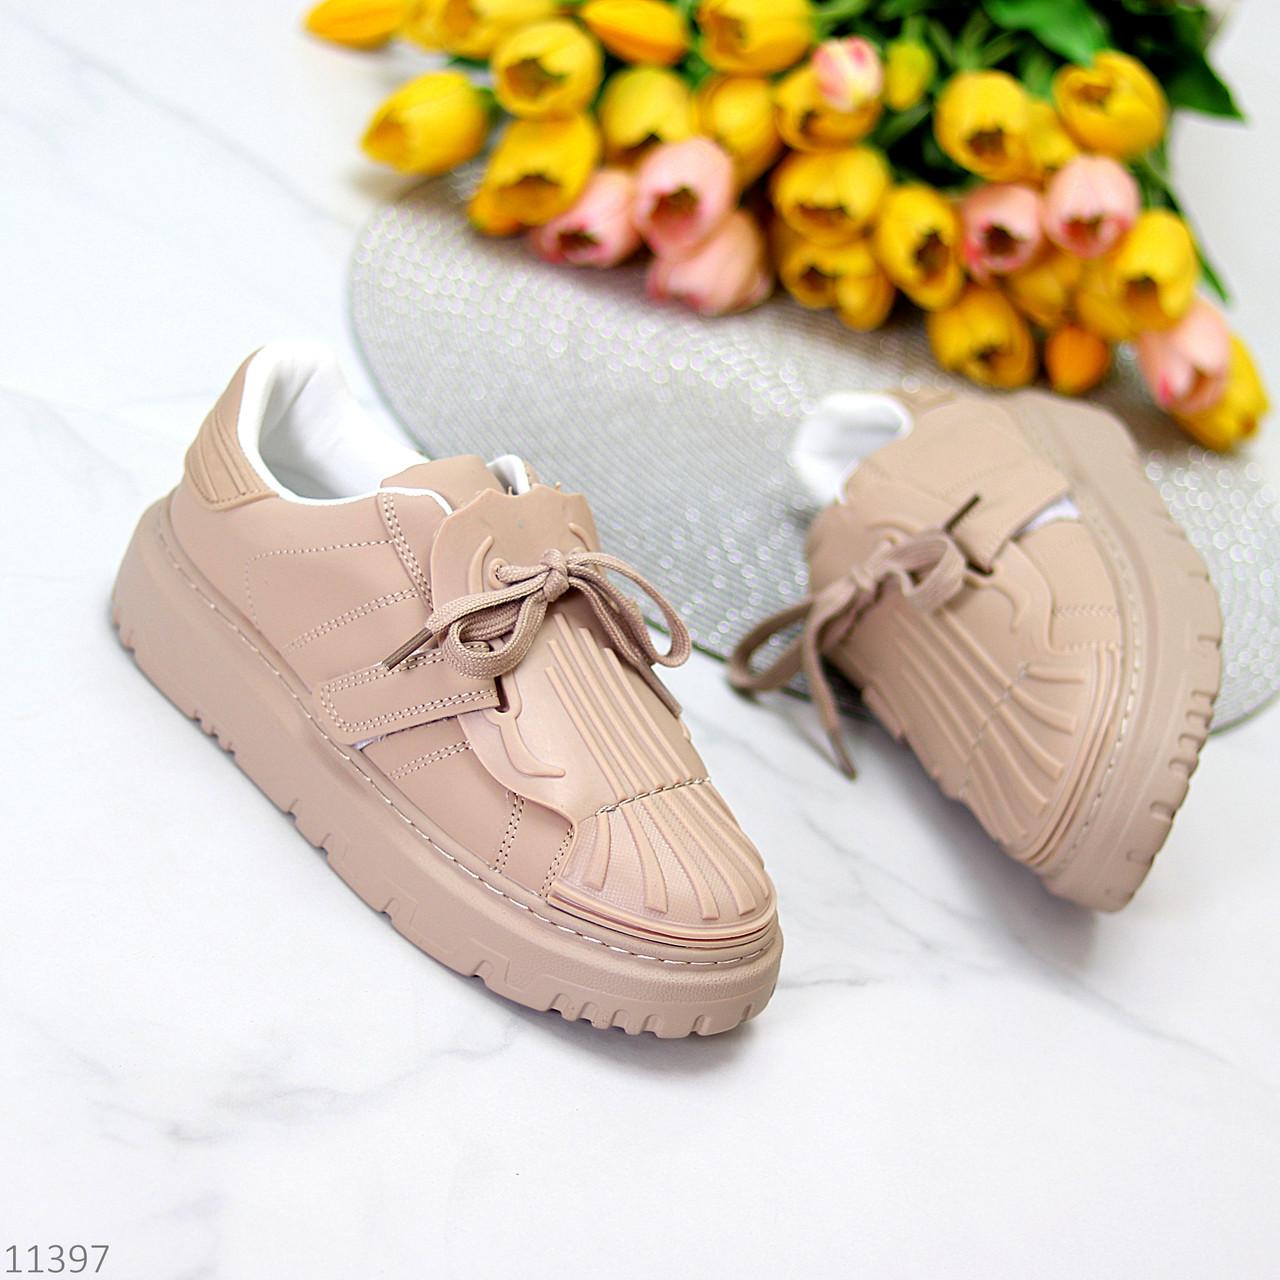 Жіночі бежеві кросівки еко-шкіра + гума